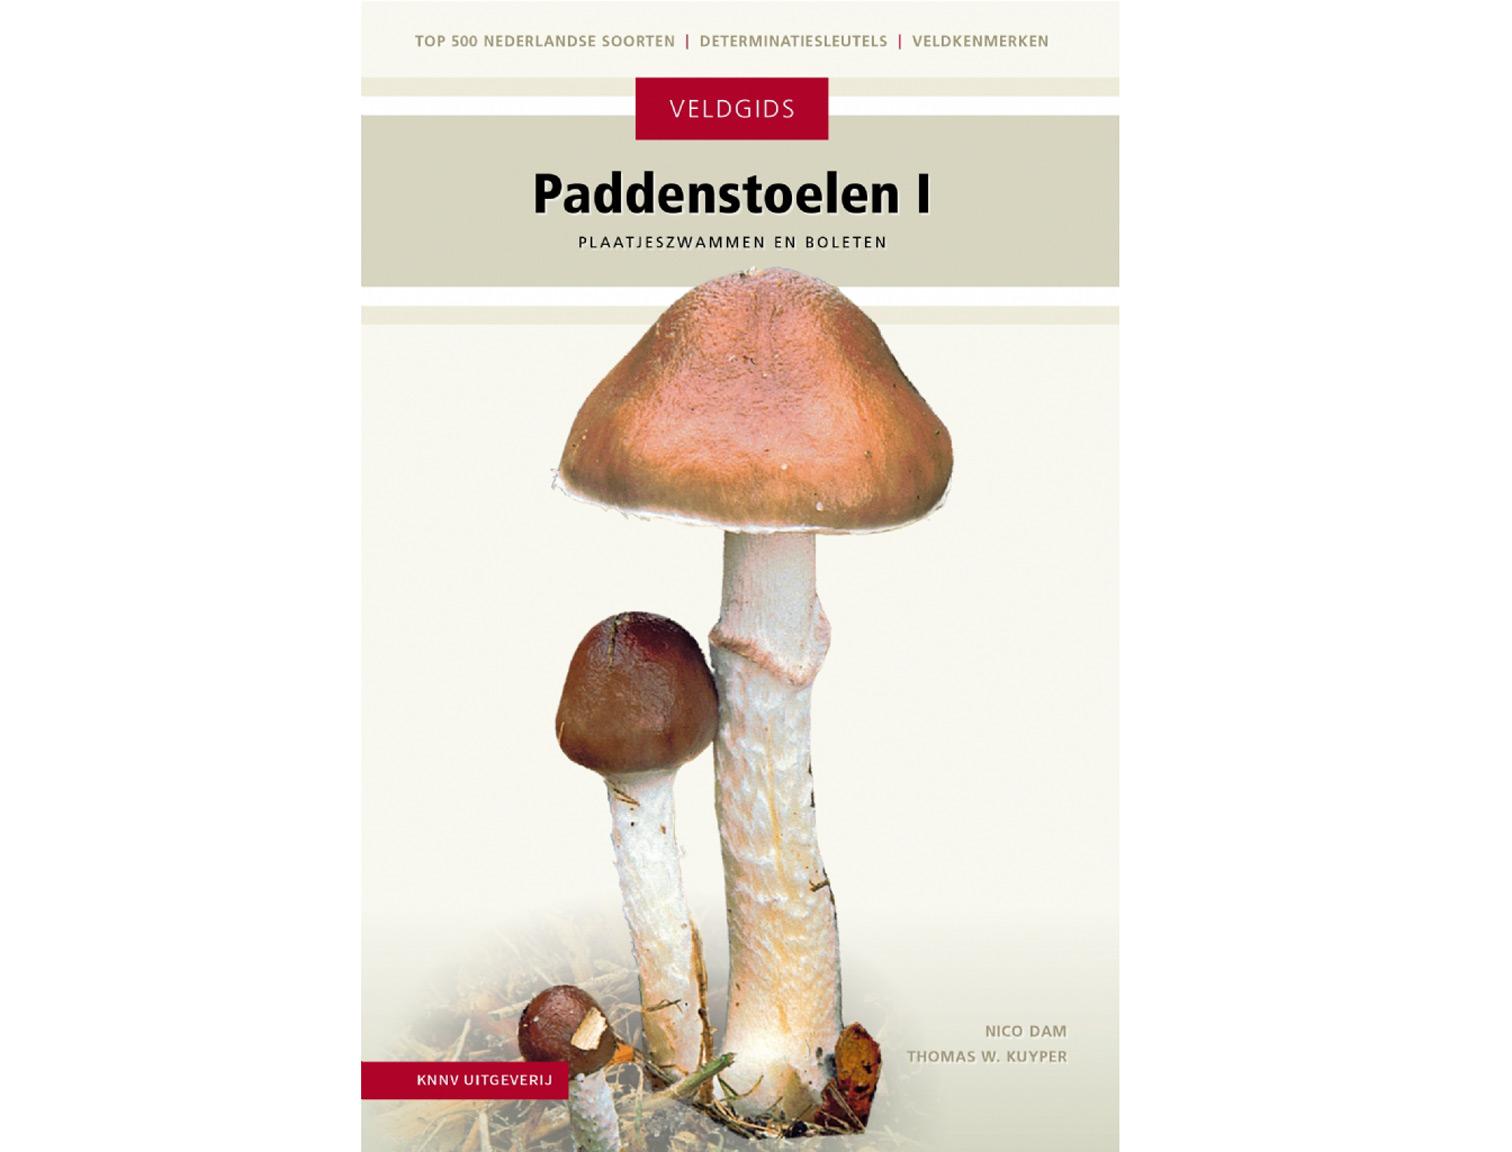 veldgids_paddenstoelen-deel1